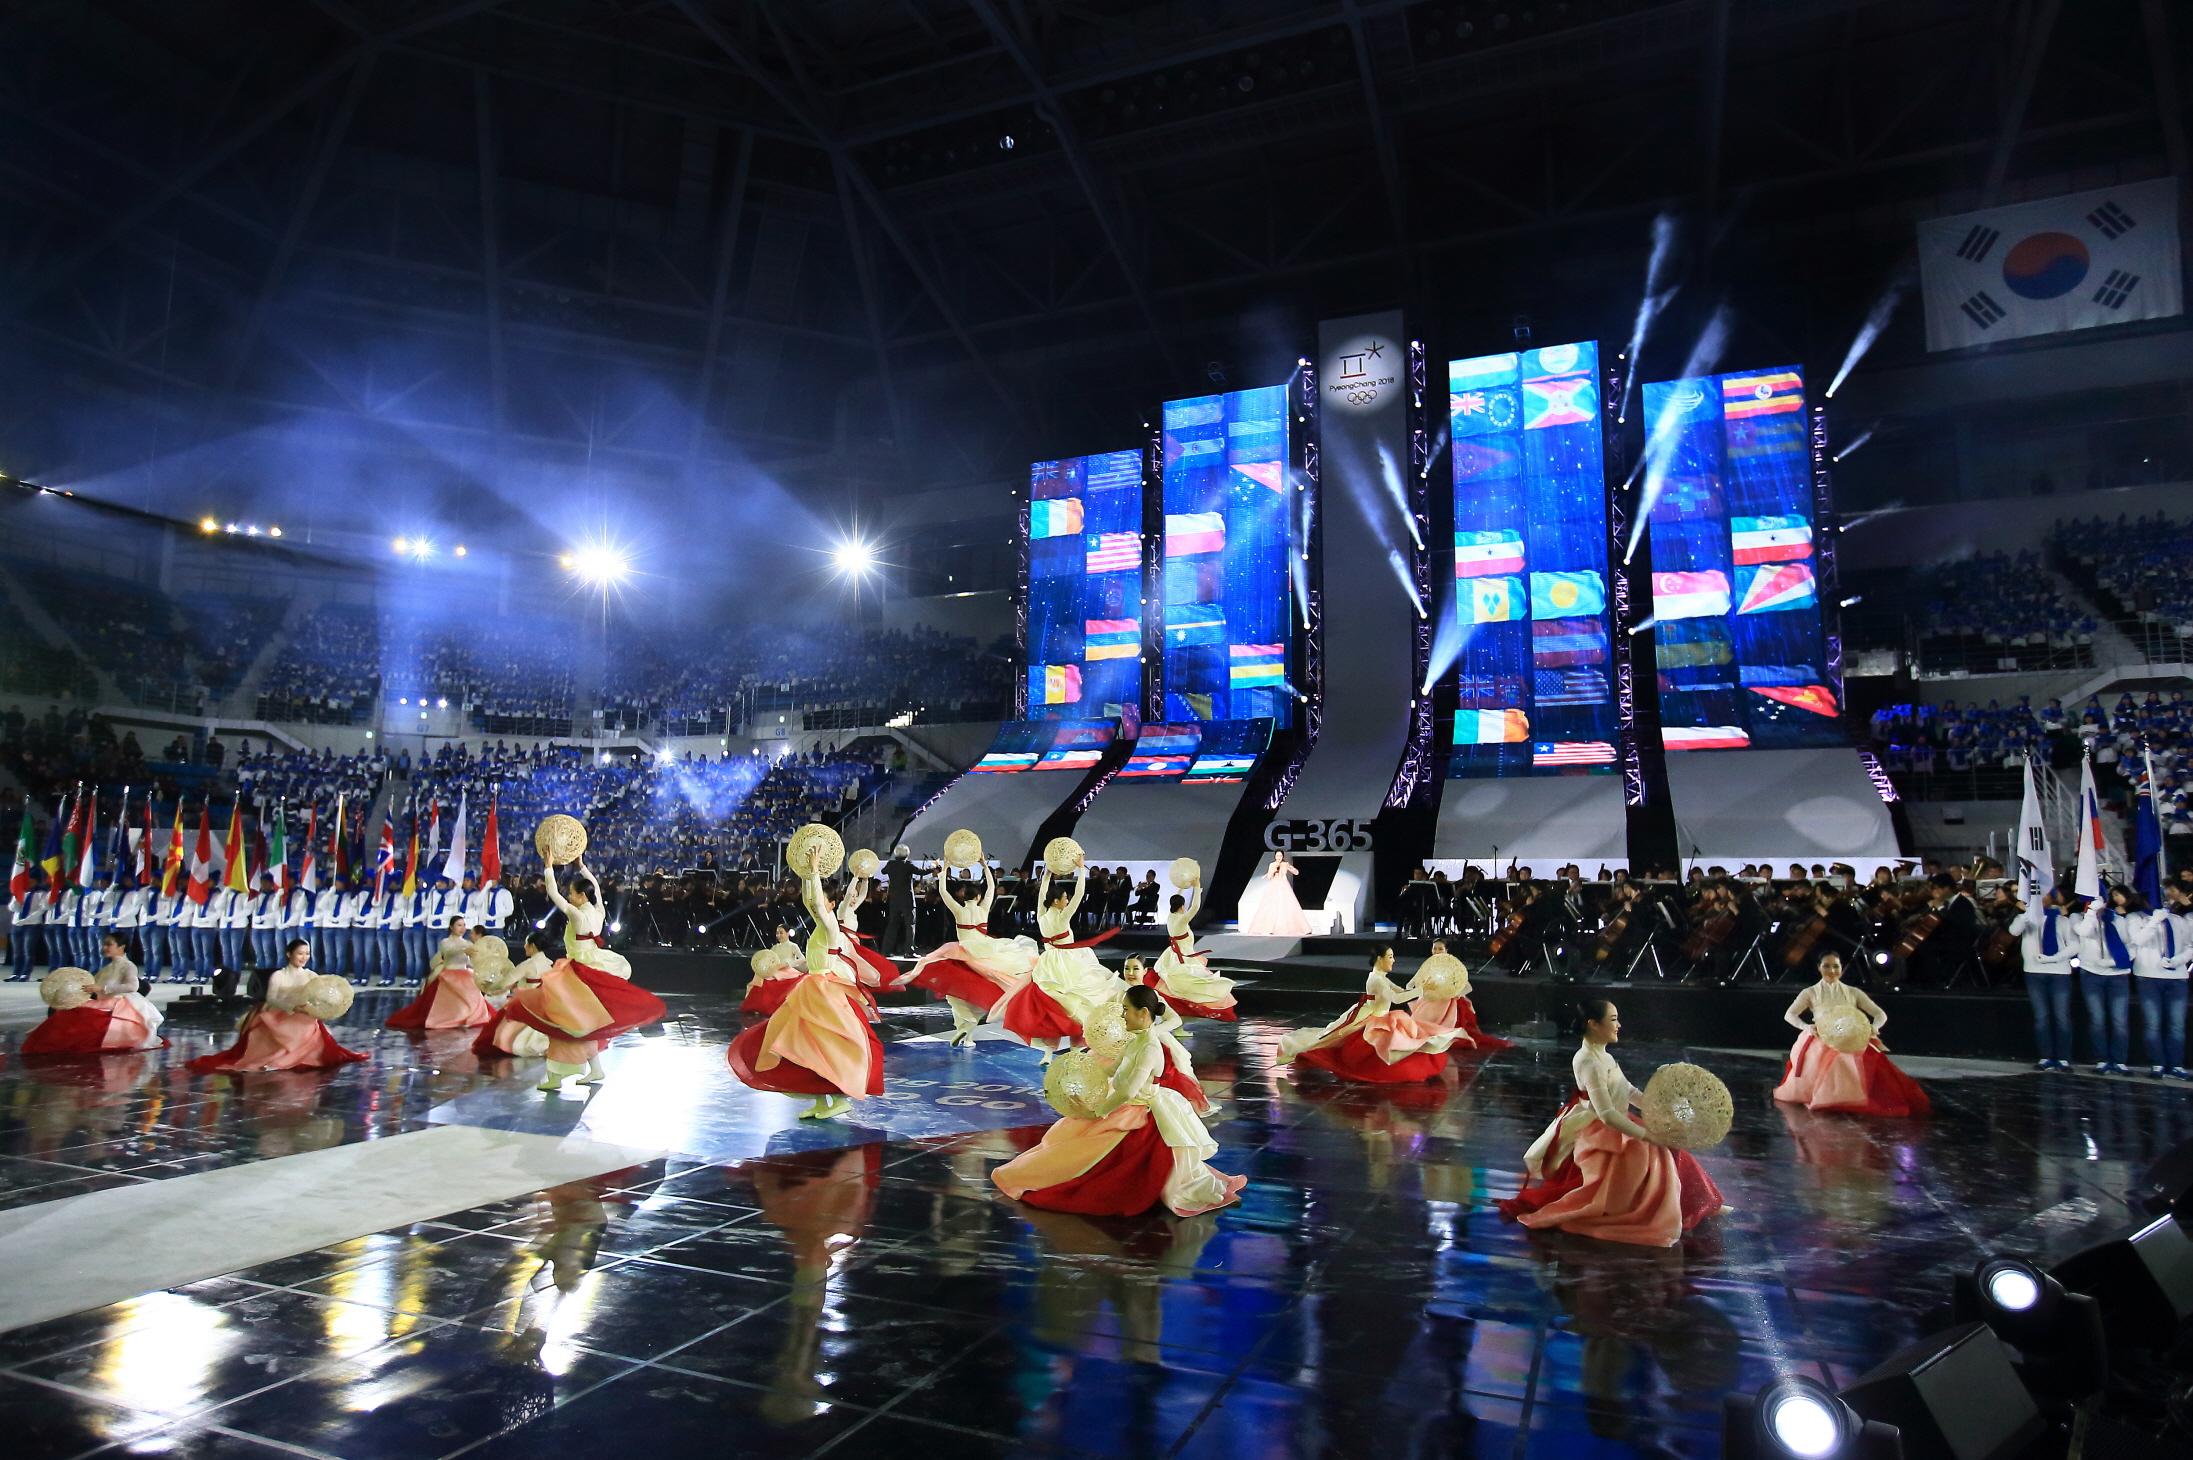 170209_PyeongChang 2018 Press Release_The Countdown has begun!_Photo 1